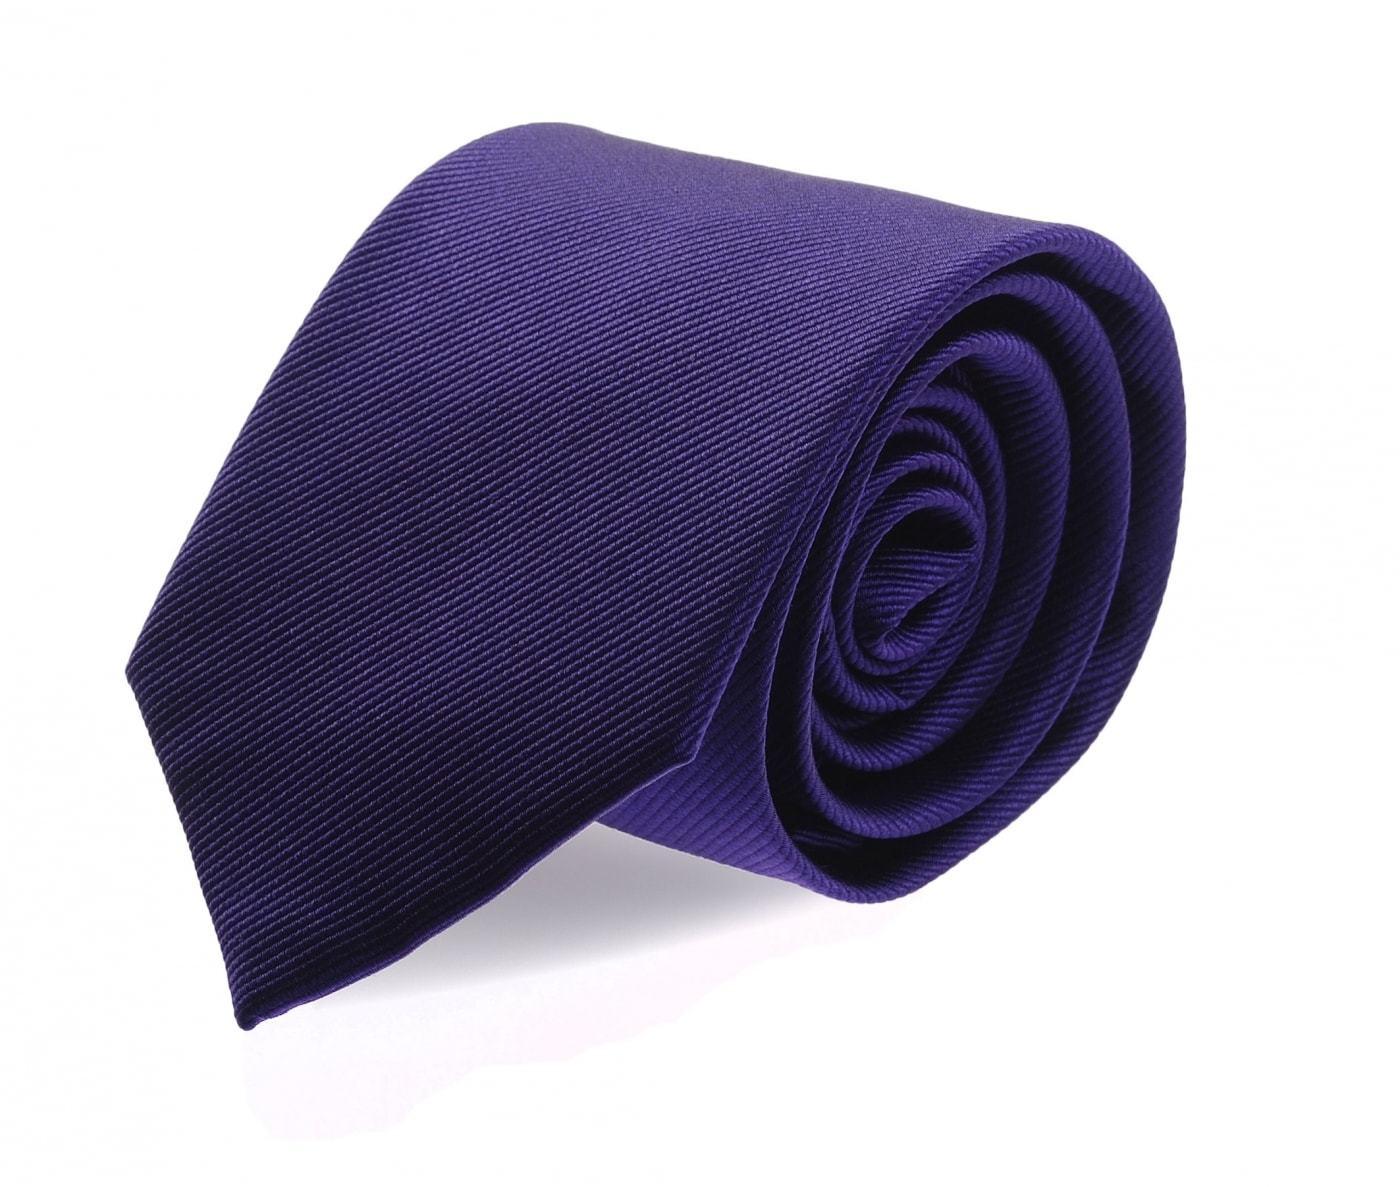 Krawatte Seide Blau Lila Uni F55 foto 0